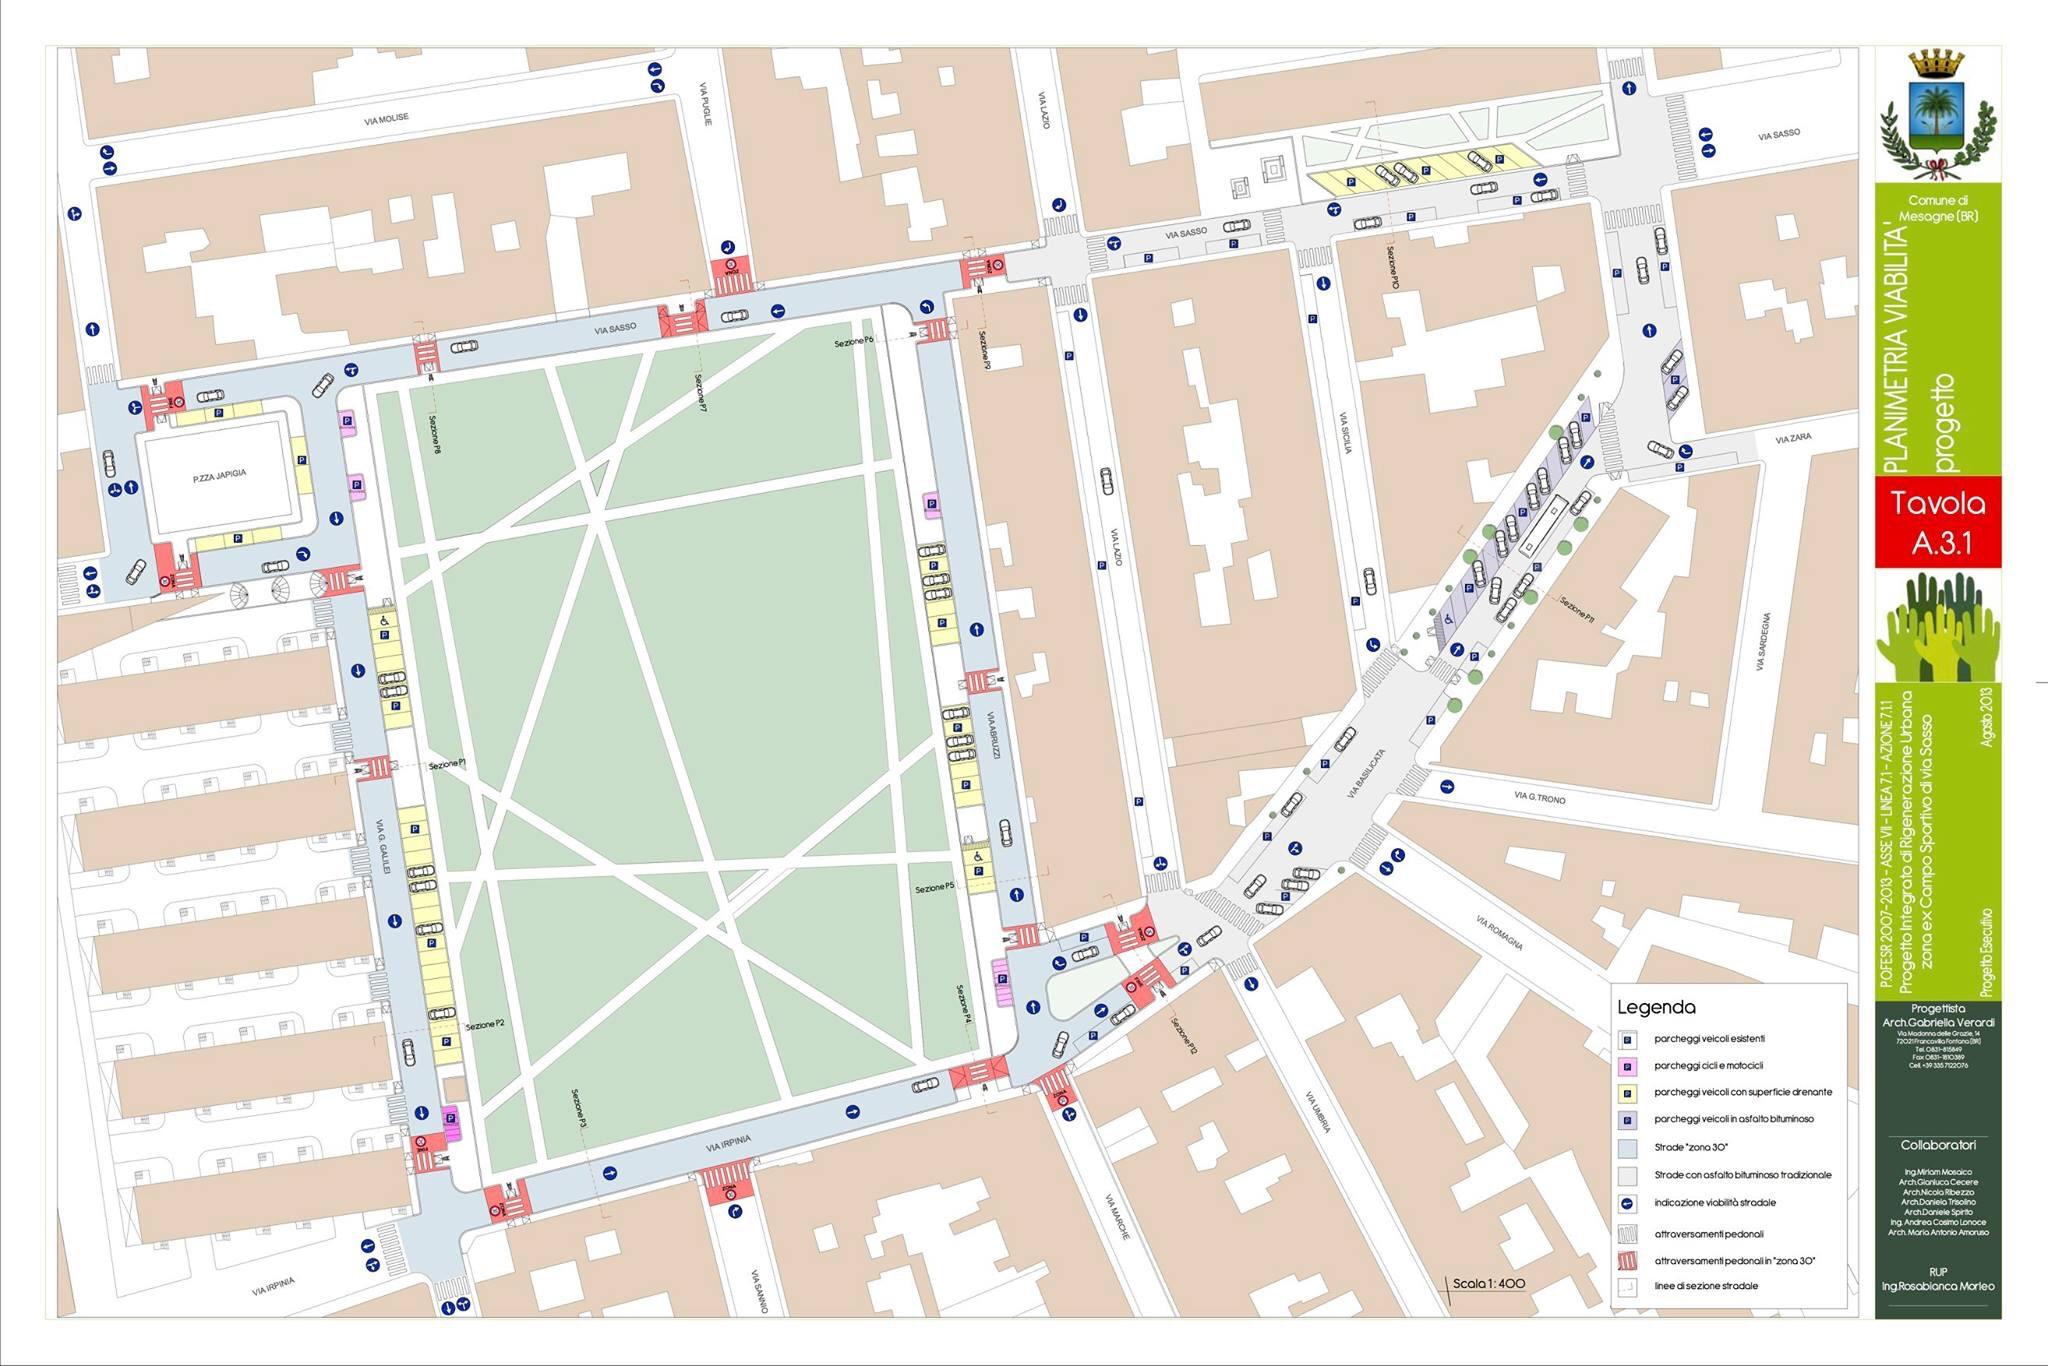 Via Basilicata, 'Quelle isole pedonali servono per rallentare il traffico'